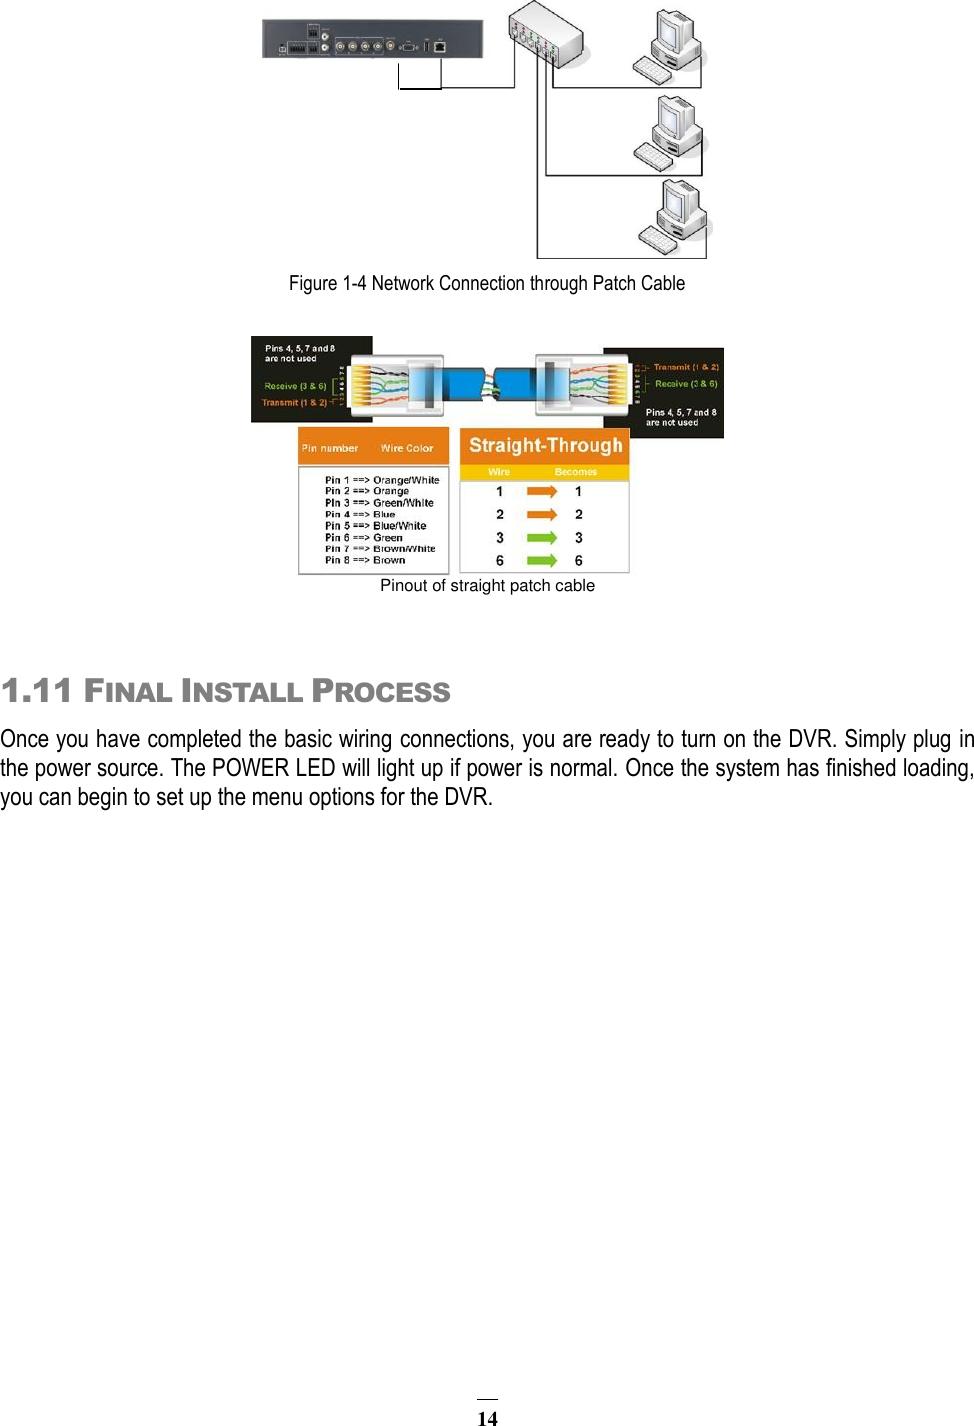 Cb750k3 Wiring Diagrams | Wiring Diagram on